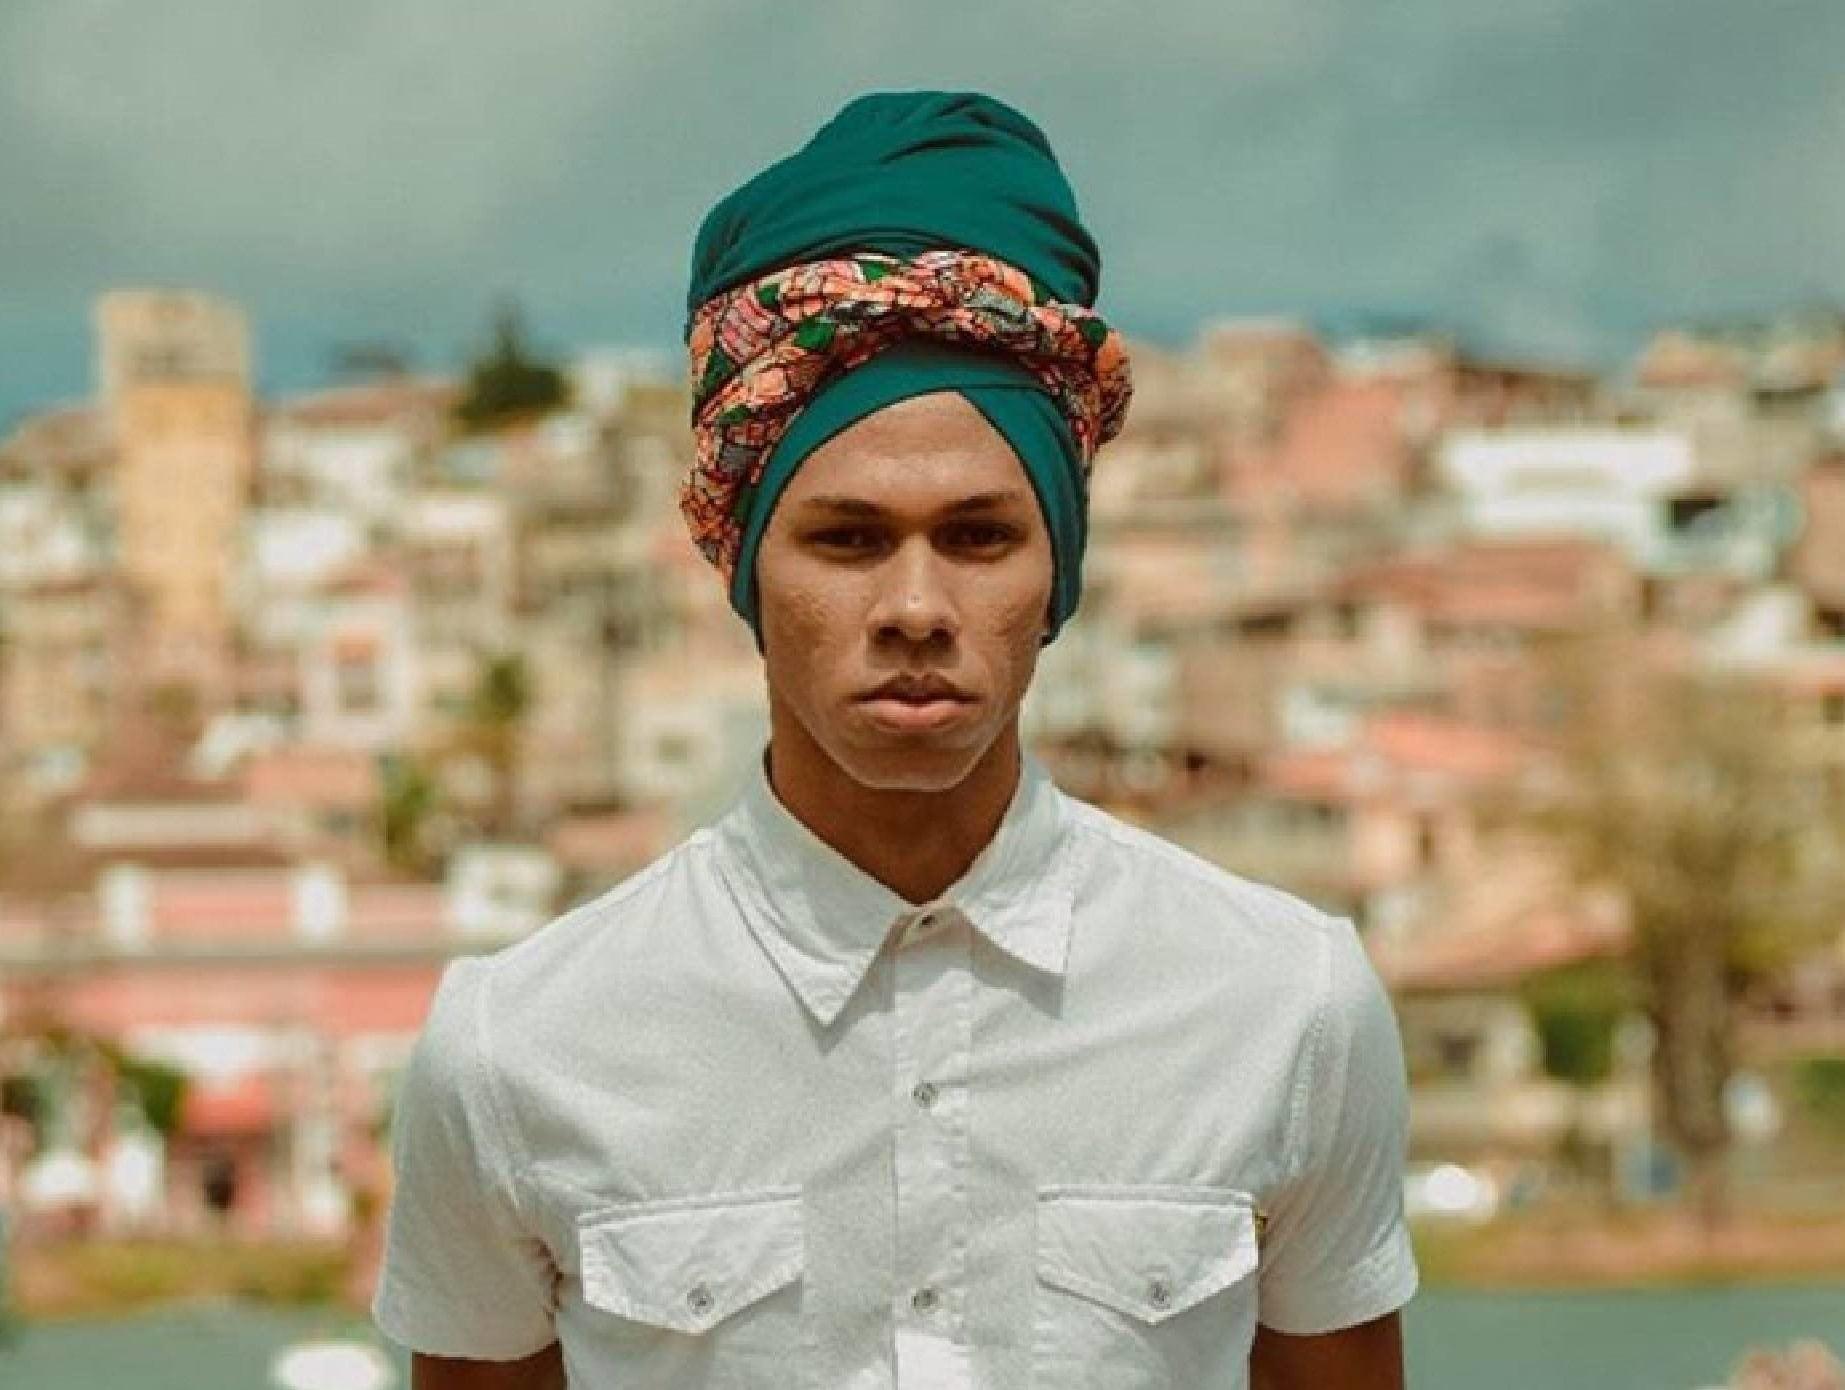 Cabelo crespo masculino com turbante